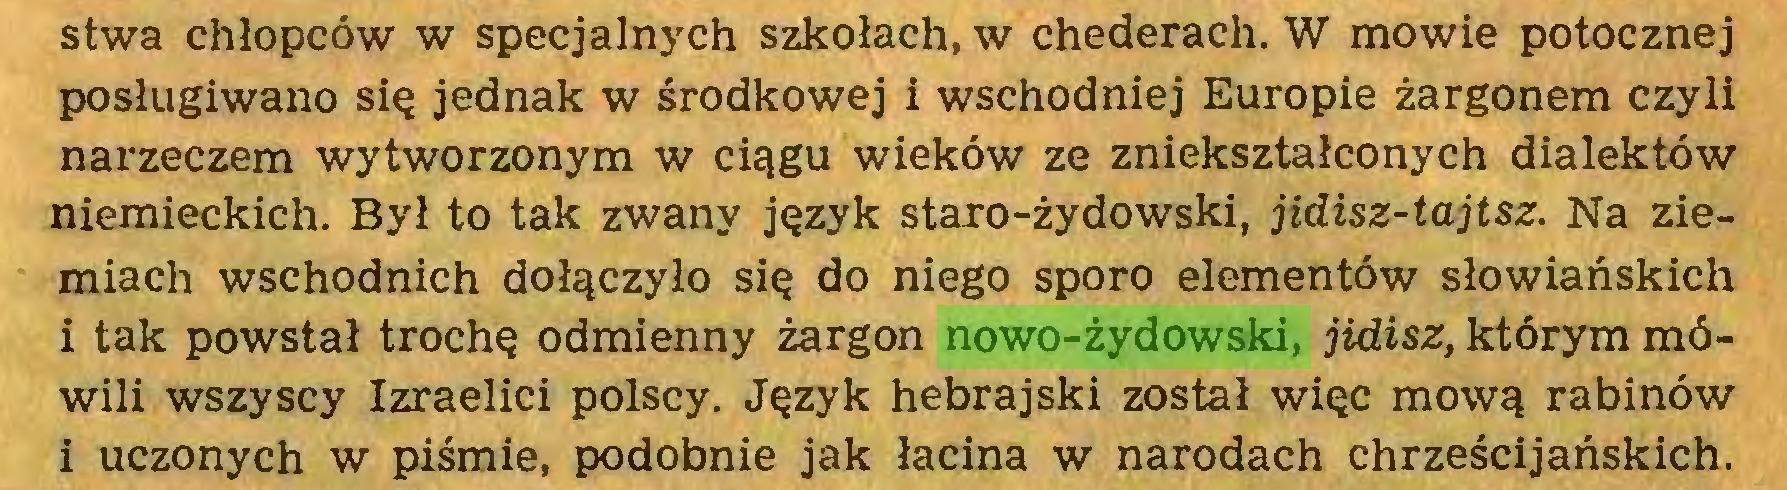 (...) stwa chłopców w specjalnych szkołach, w chederach. W mowie potocznej posługiwano się jednak w środkowej i wschodniej Europie żargonem czyli narzeczem wytworzonym w ciągu wieków ze zniekształconych dialektów niemieckich. Był to tak zwany język staro-żydowski, jidisz-tajtsz. Na ziemiach wschodnich dołączyło się do niego sporo elementów słowiańskich i tak powstał trochę odmienny żargon nowo-żydowski, jidisz, którym mówili wszyscy Izraelici polscy. Język hebrajski został więc mową rabinów i uczonych w piśmie, podobnie jak łacina w narodach chrześcijańskich...